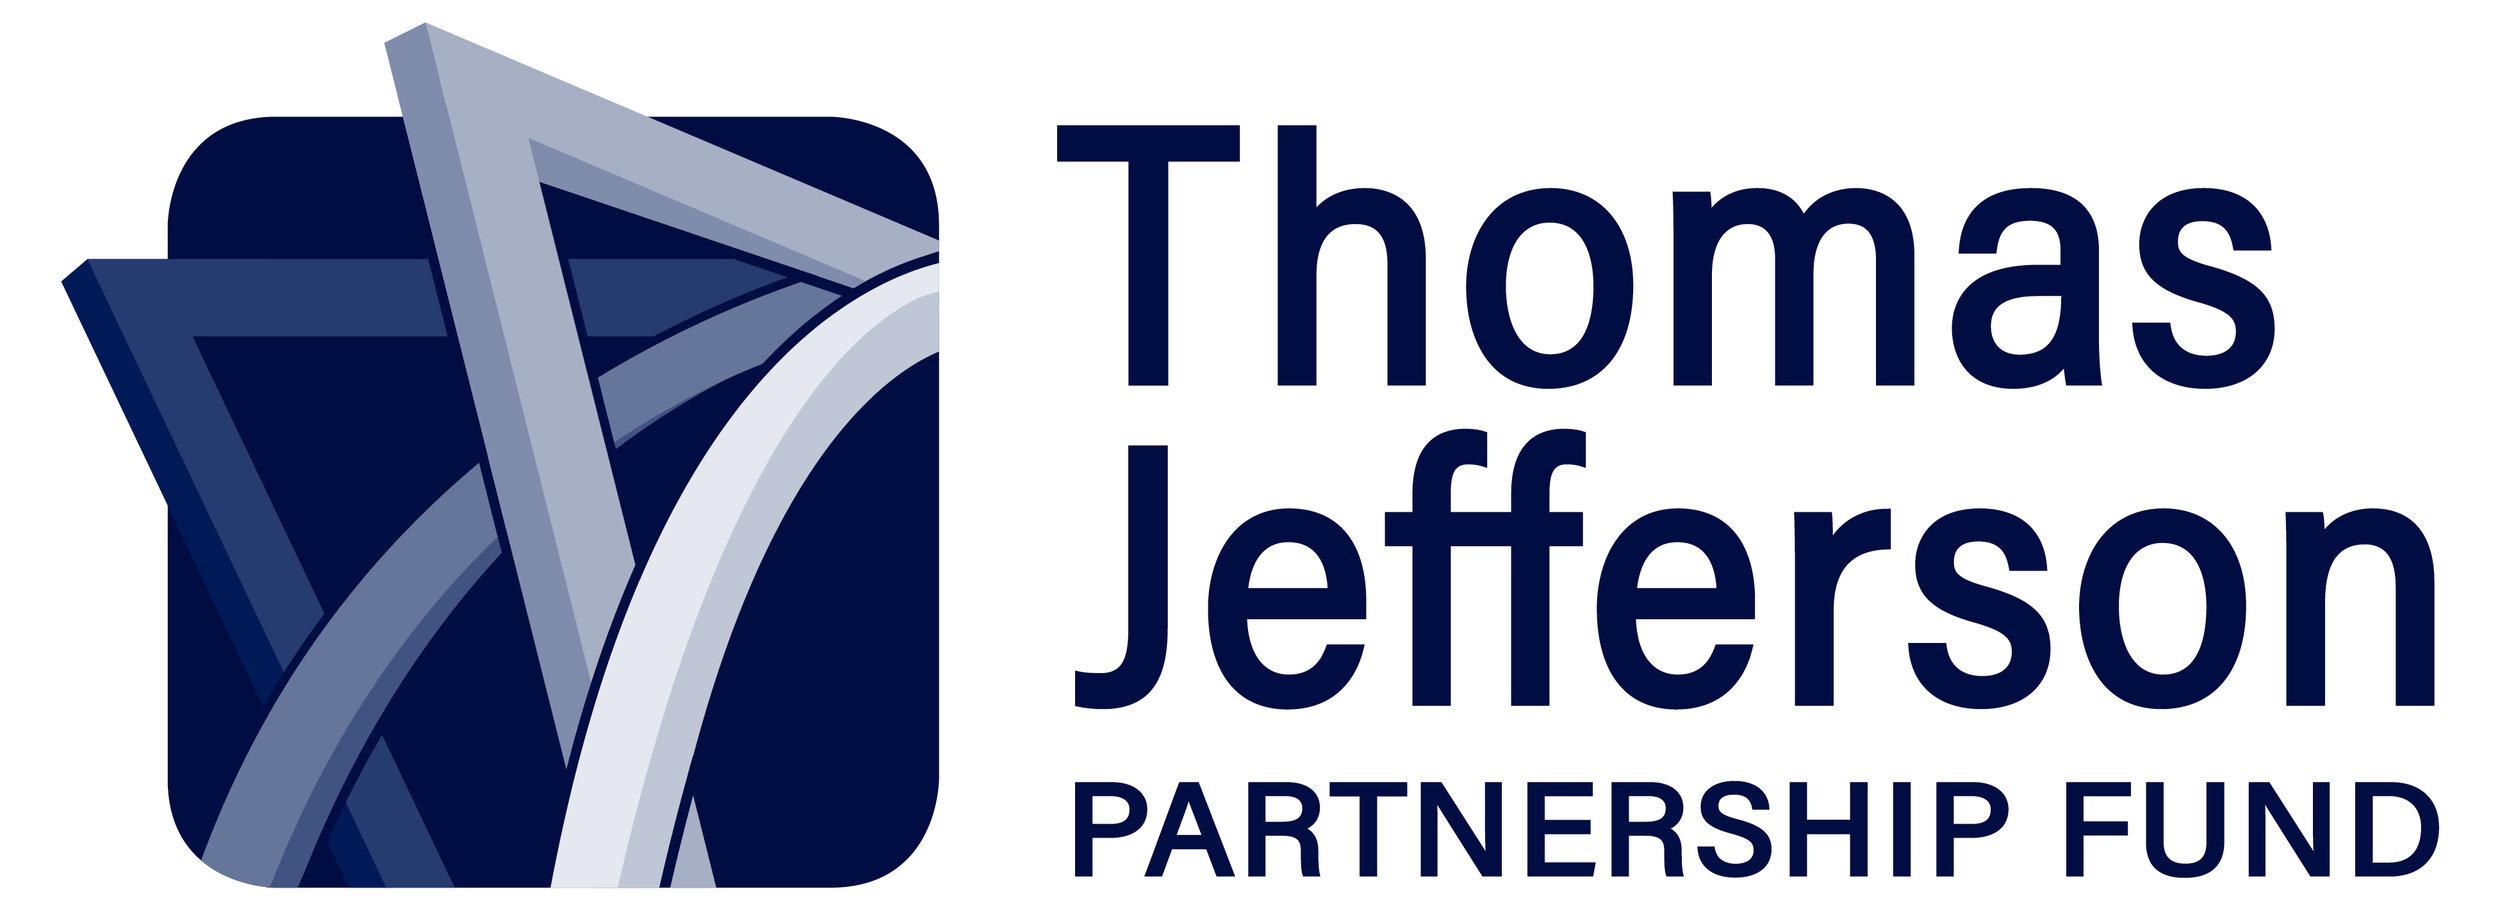 thomas jefferson partnership fund